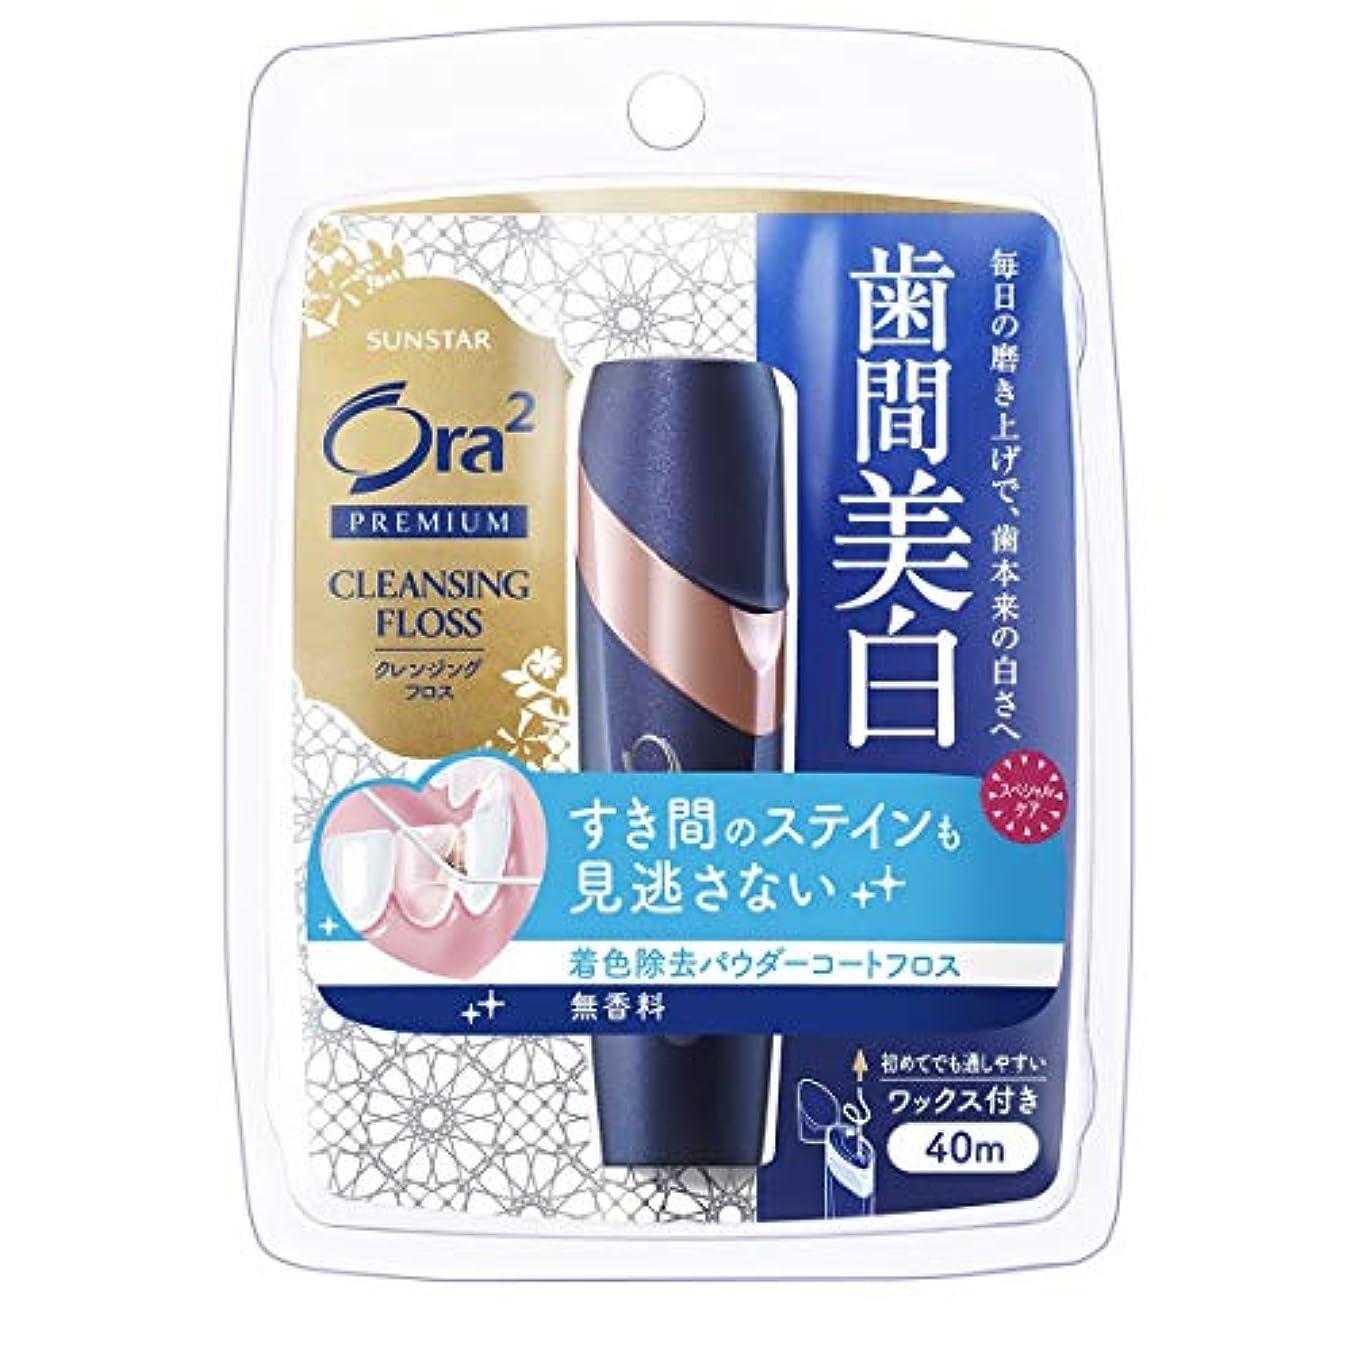 故障中関係ない間違っているOra2(オーラツー) プレミアム クレンジングフロス 歯間美白 無香料 ワックス付き 40m 40ml